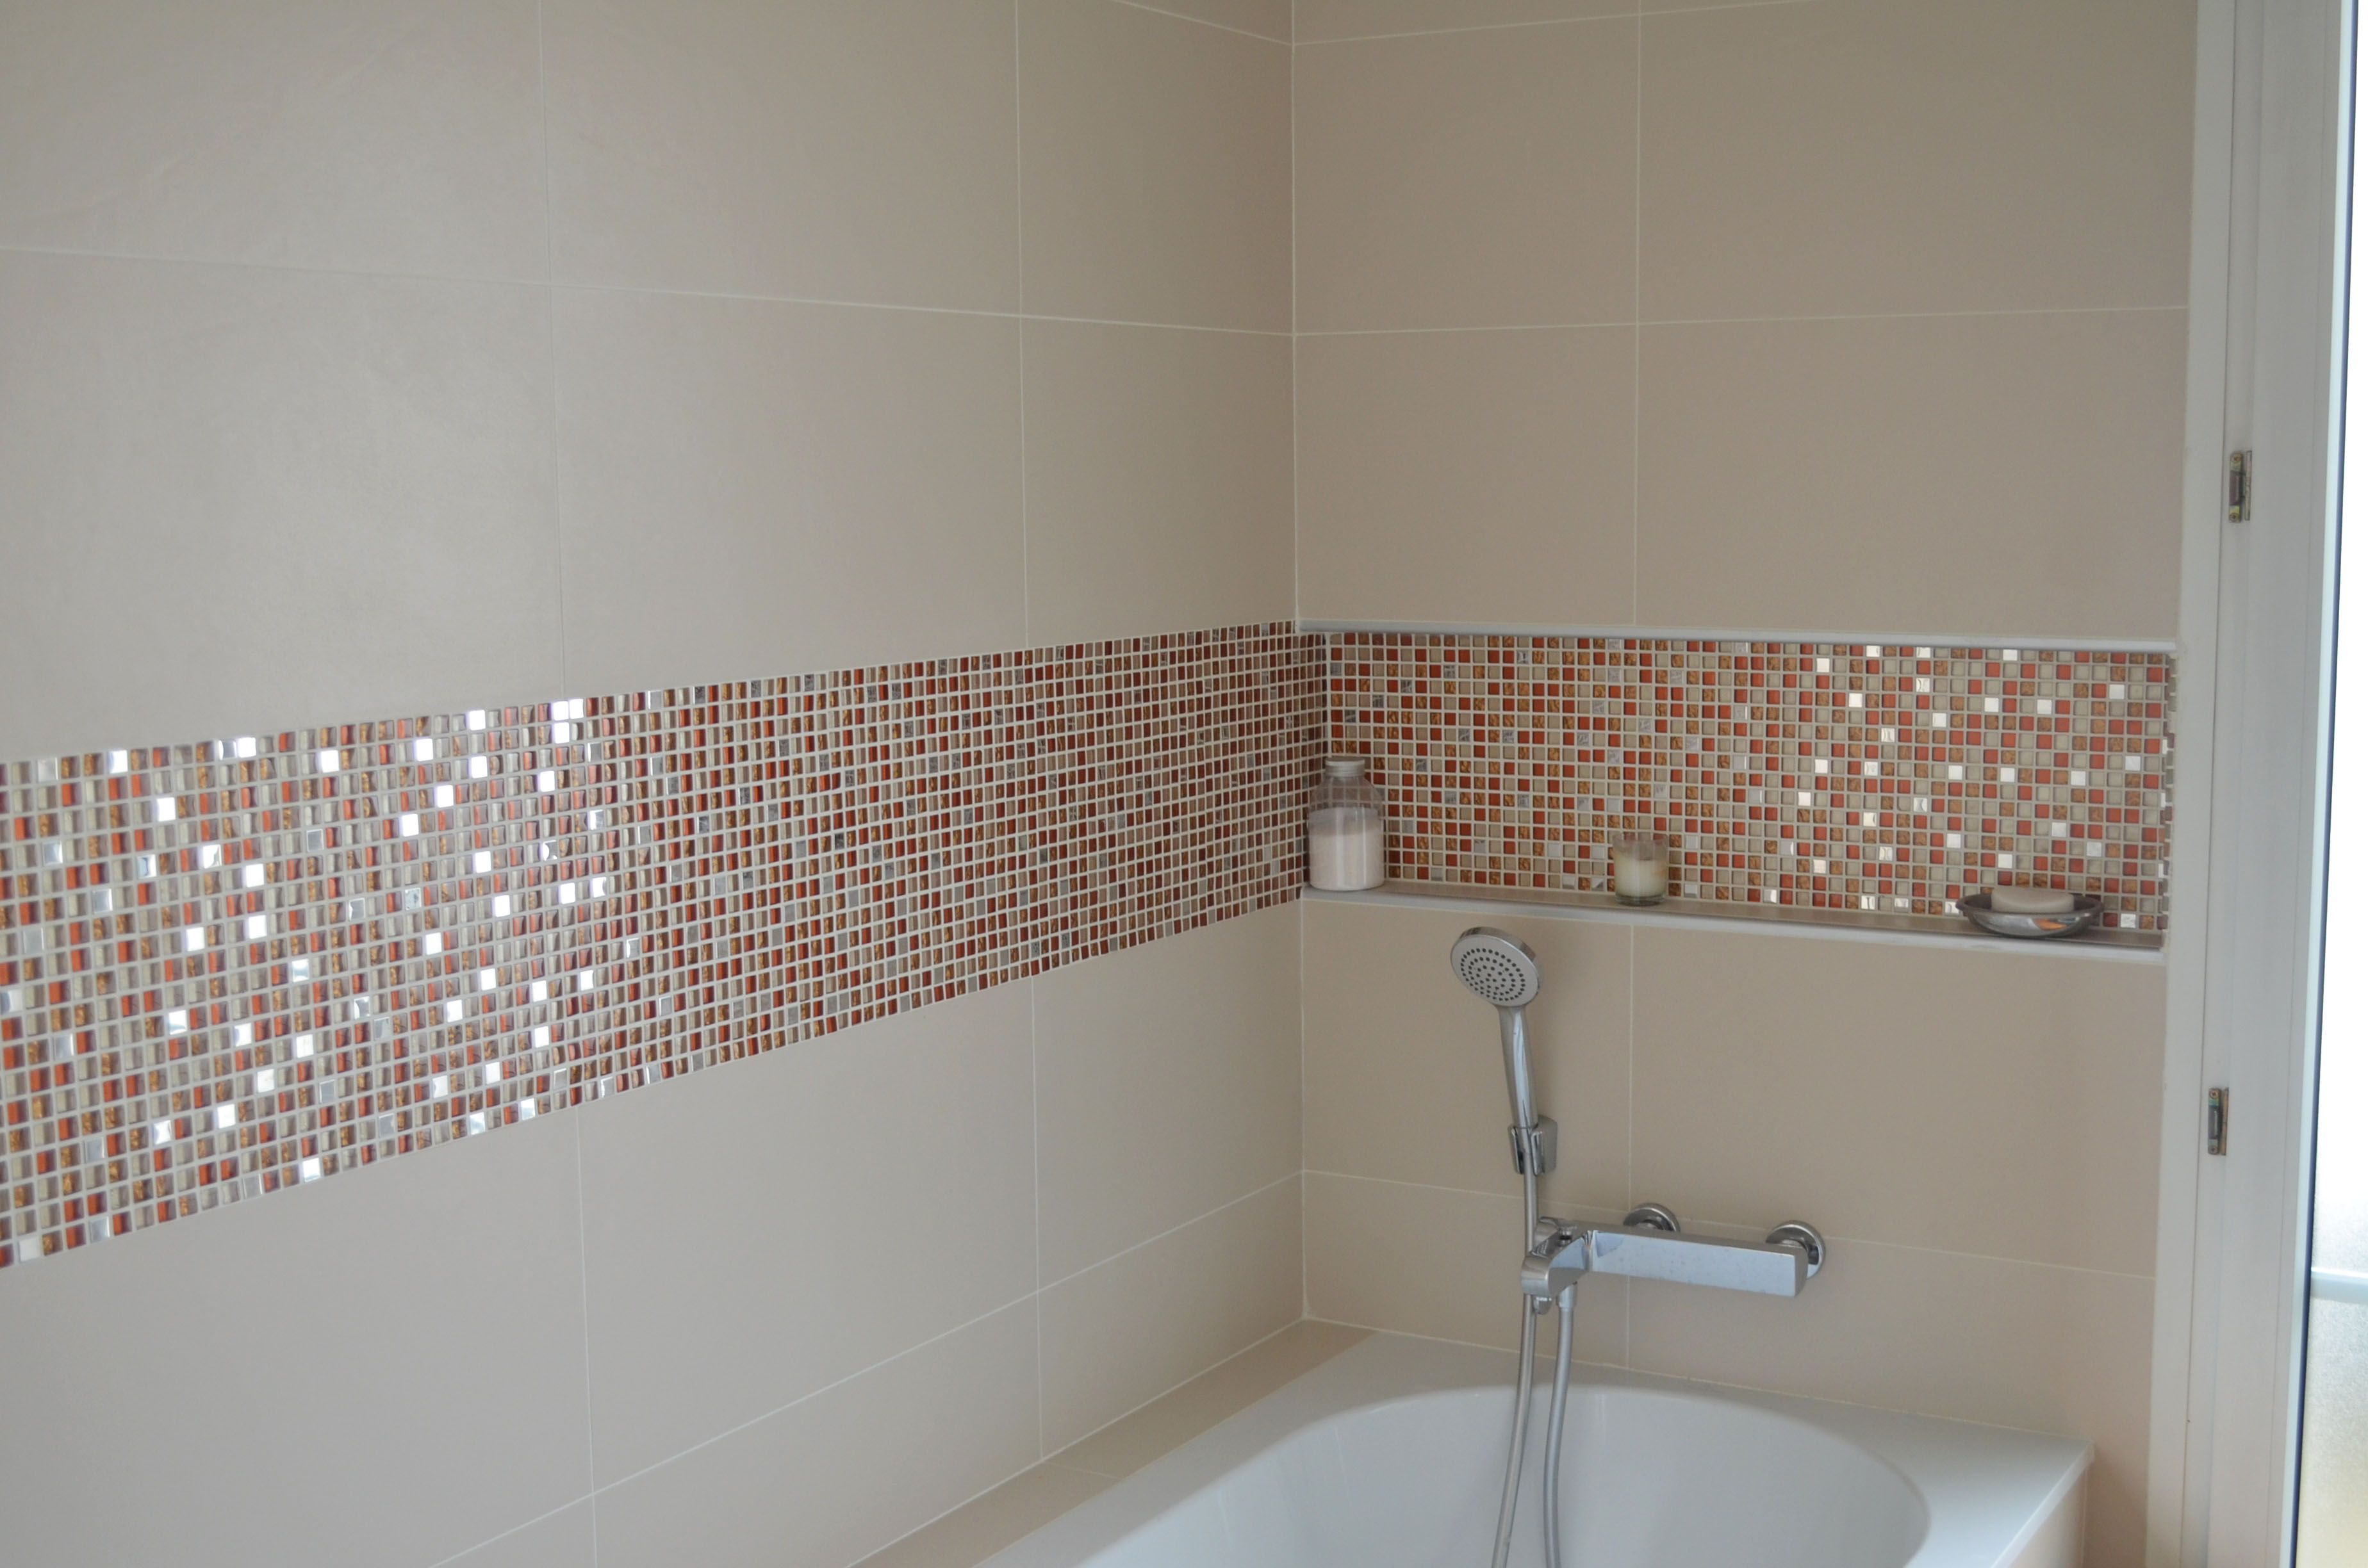 Sandrine Carré Décoratrice Salle de bains, mosaïque, rétro ...